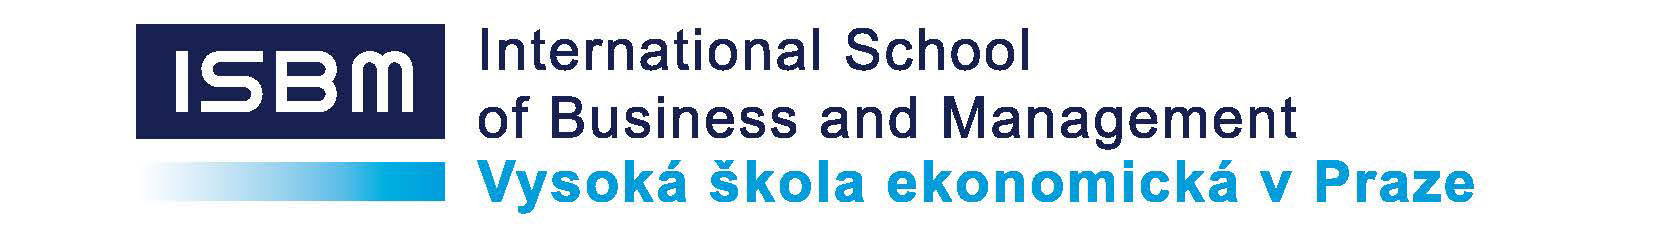 isbm-logo-ceska-verze